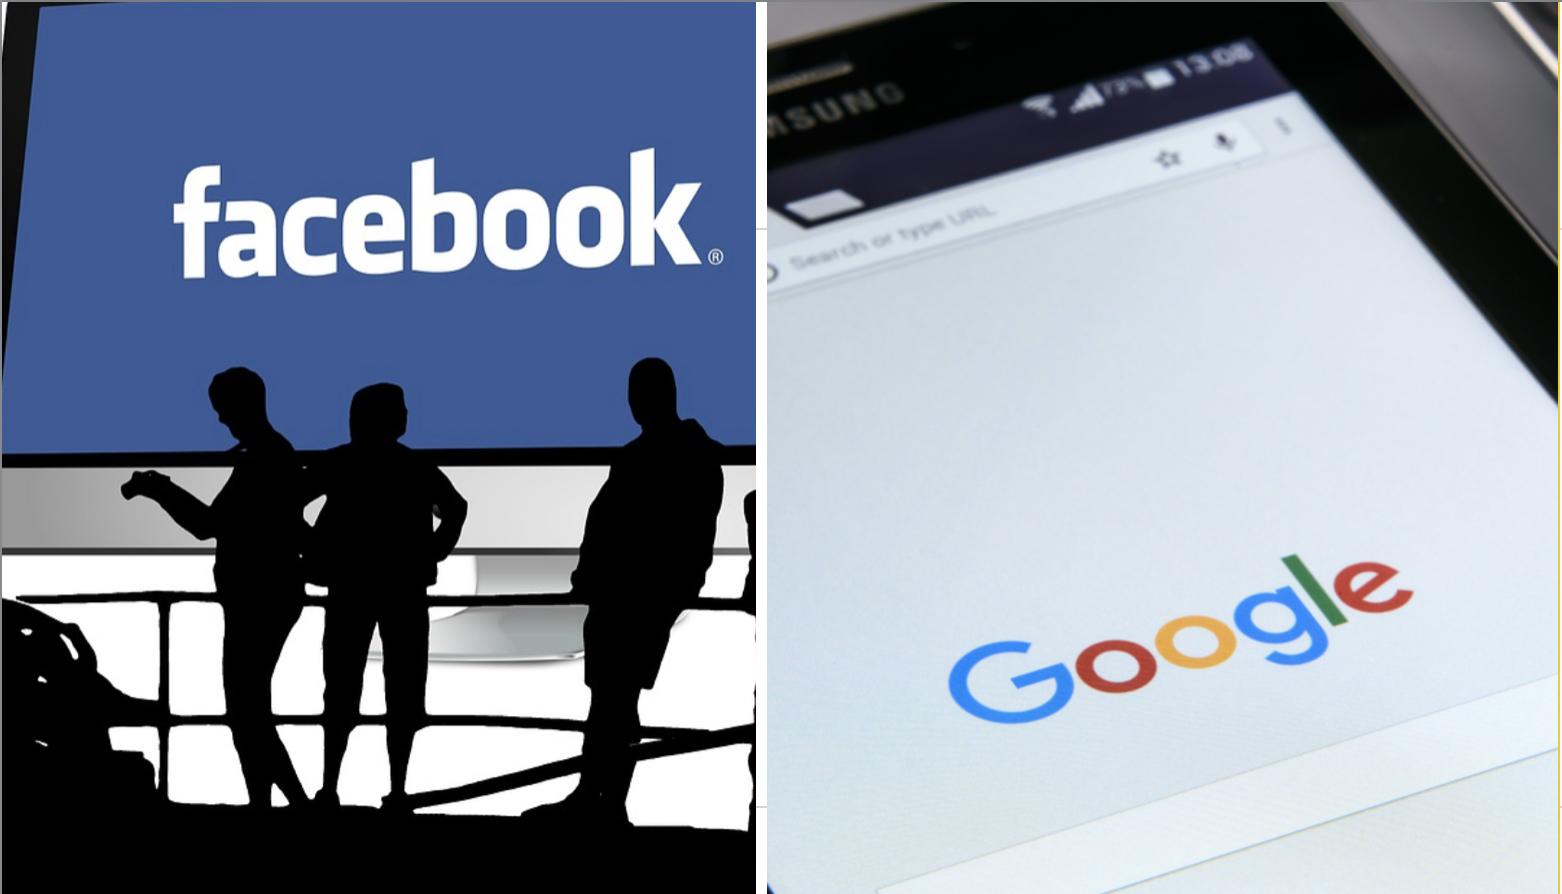 面書、推特、谷歌在香港面臨言論自由考驗。(大紀元合成)